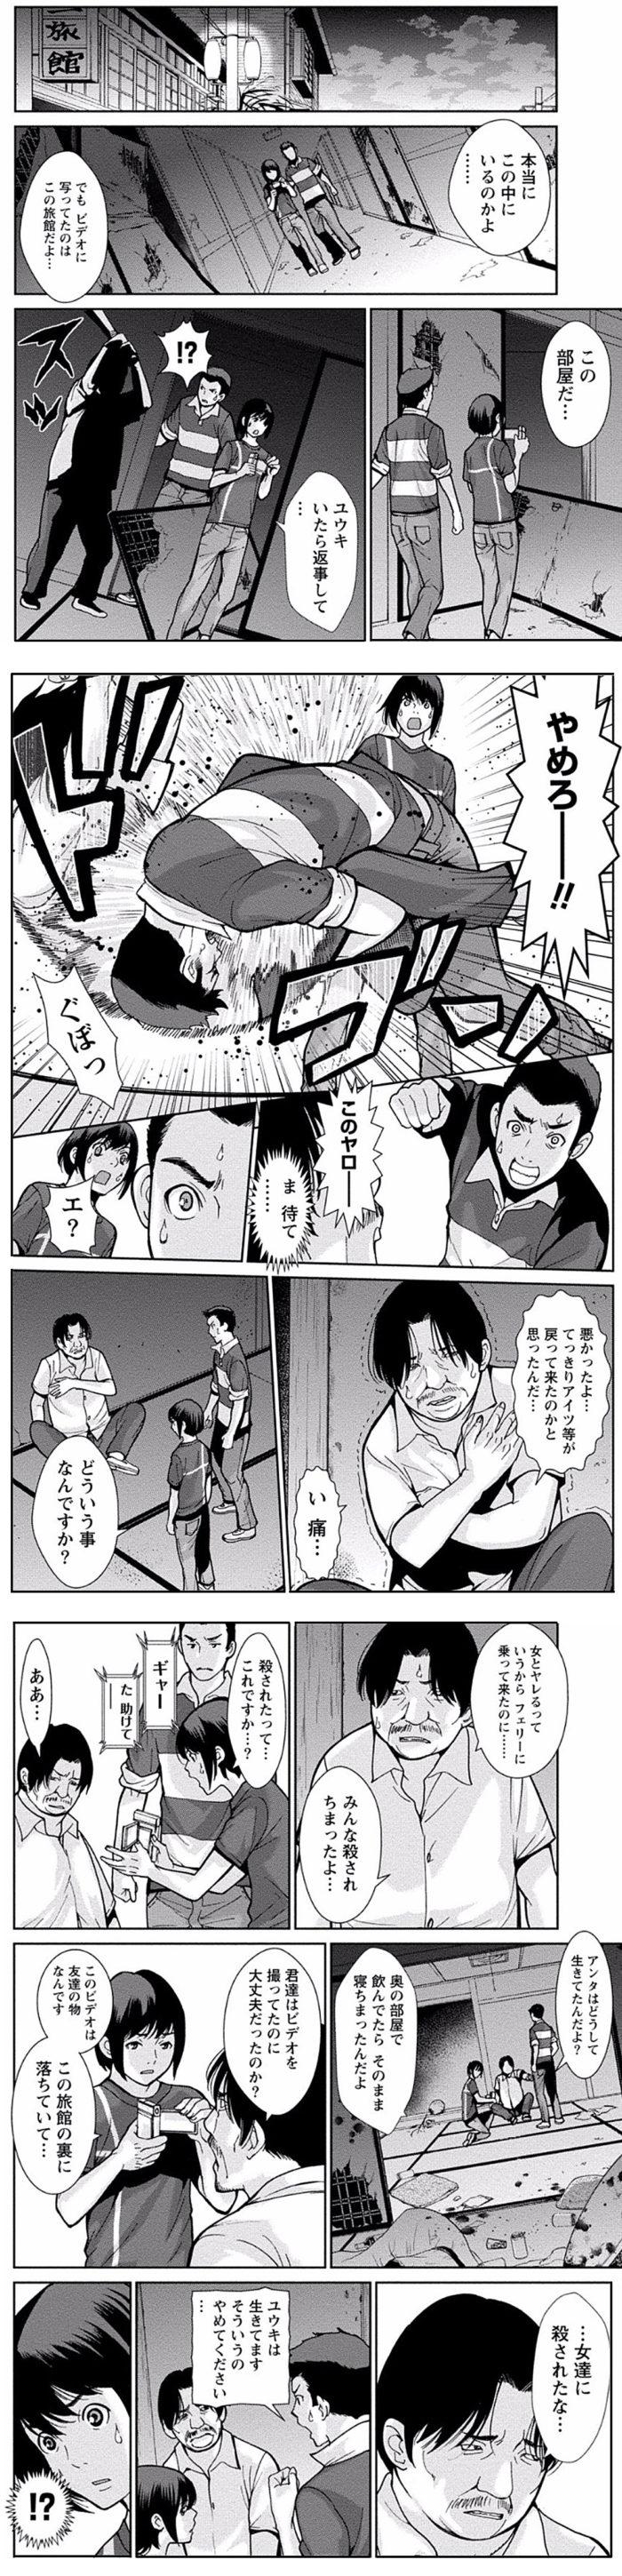 kibounoshima03-02